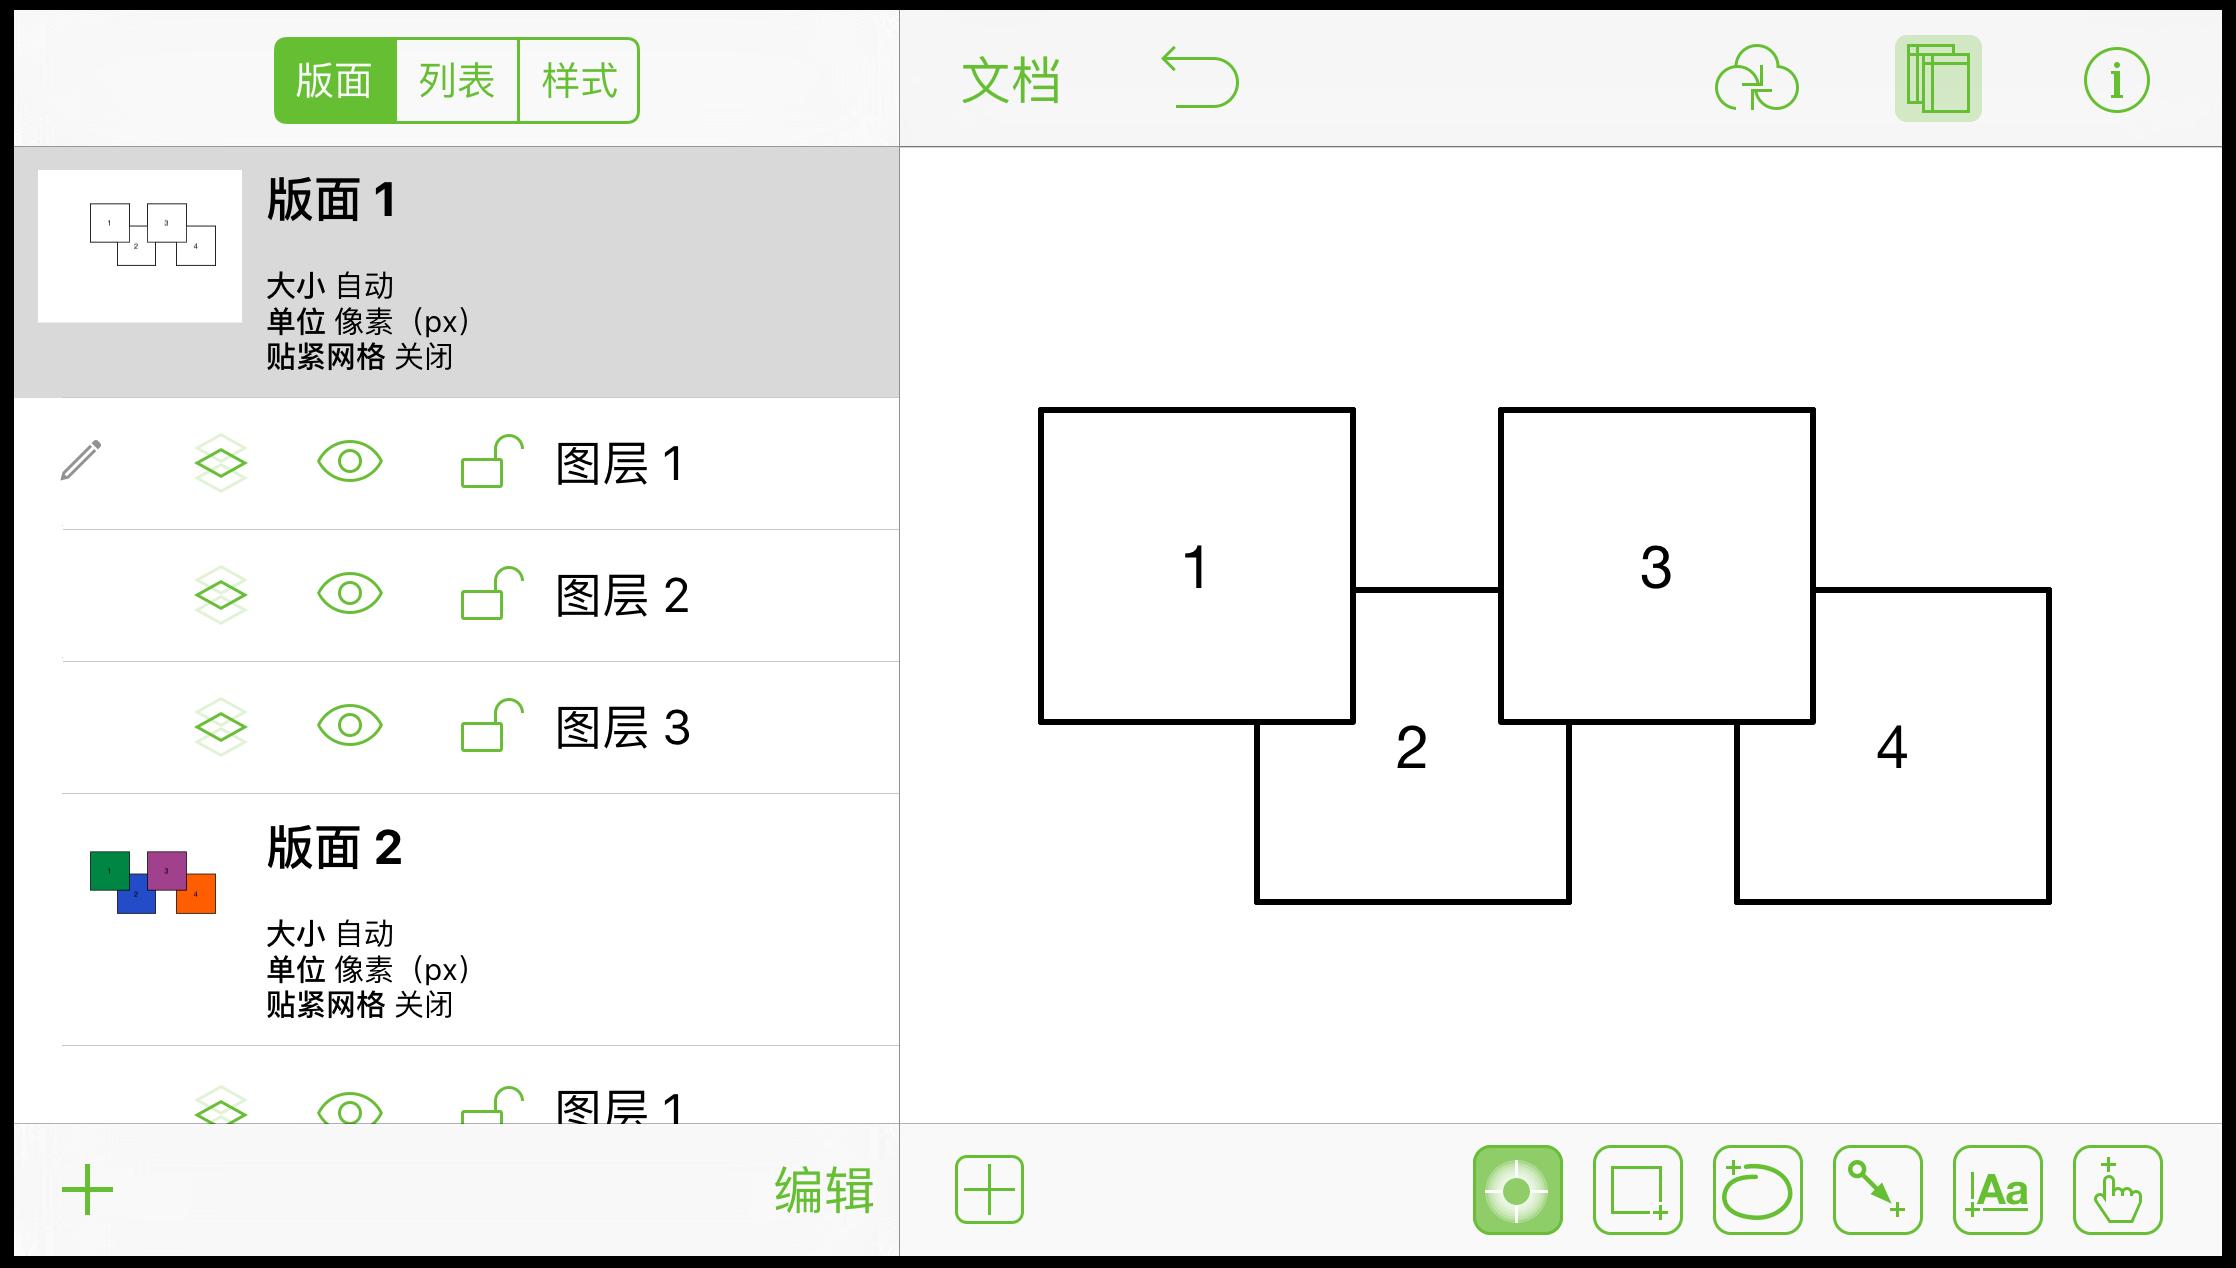 包含两个版面且版面 1 中包含三个图层的 OmniGraffle 文稿